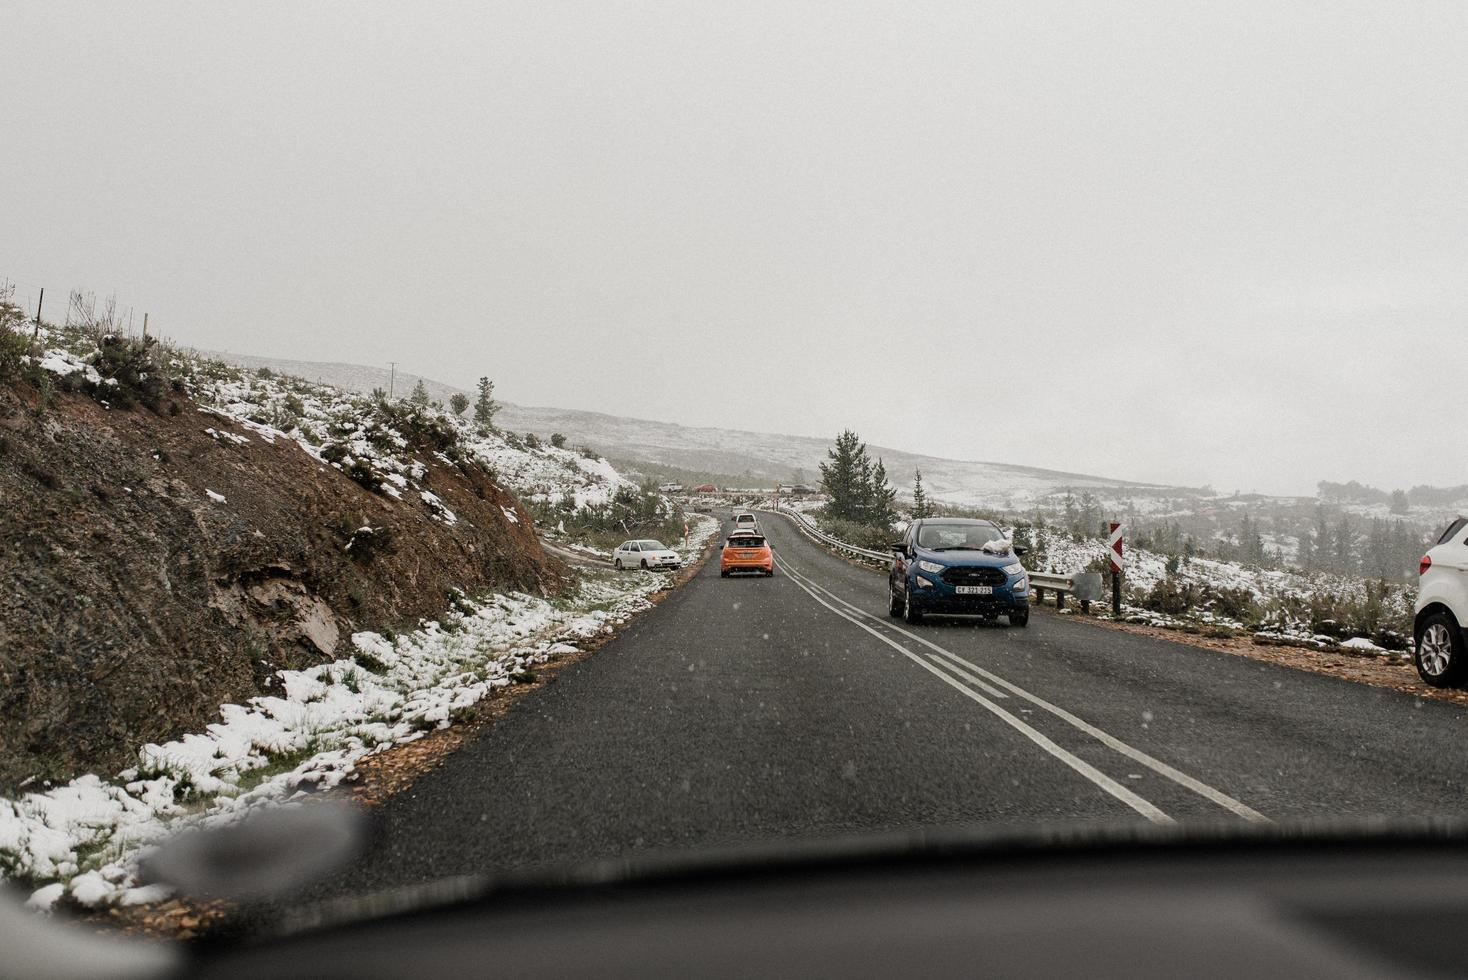 Kapstadt, Südafrika, 2020 - Autos auf der Autobahn, während Schnee fällt foto